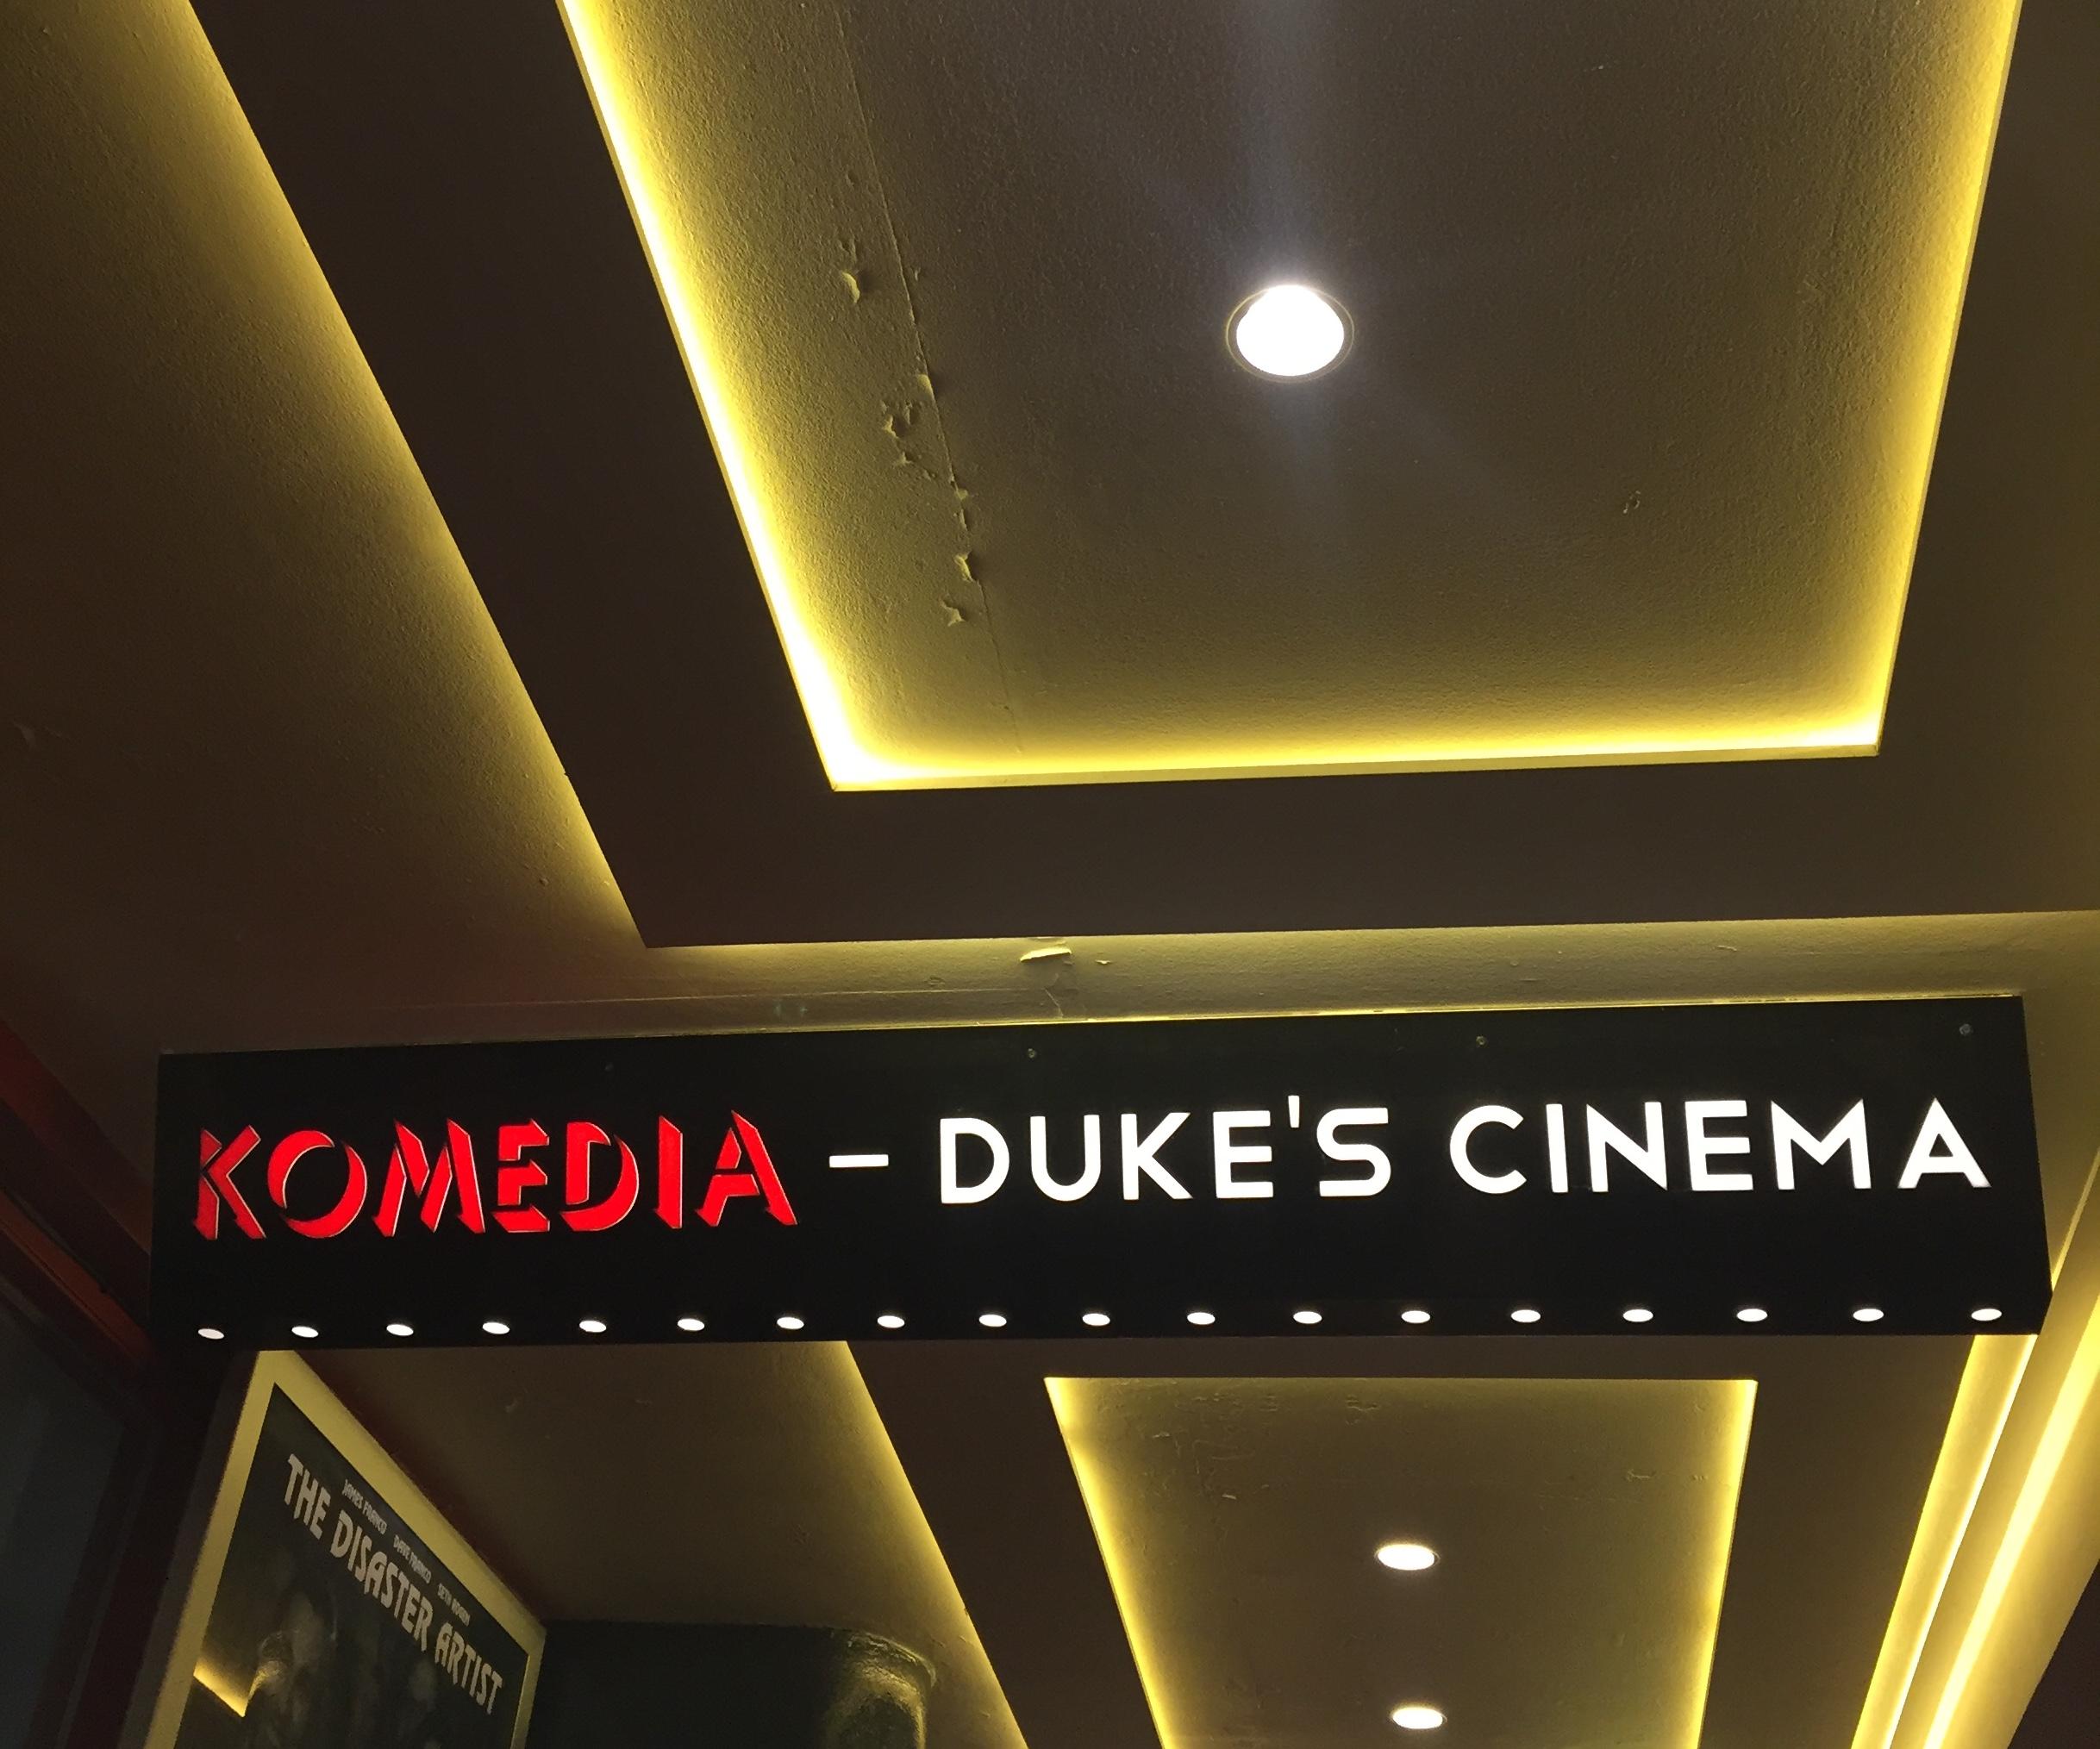 15-Dukes_Komedia.jpg